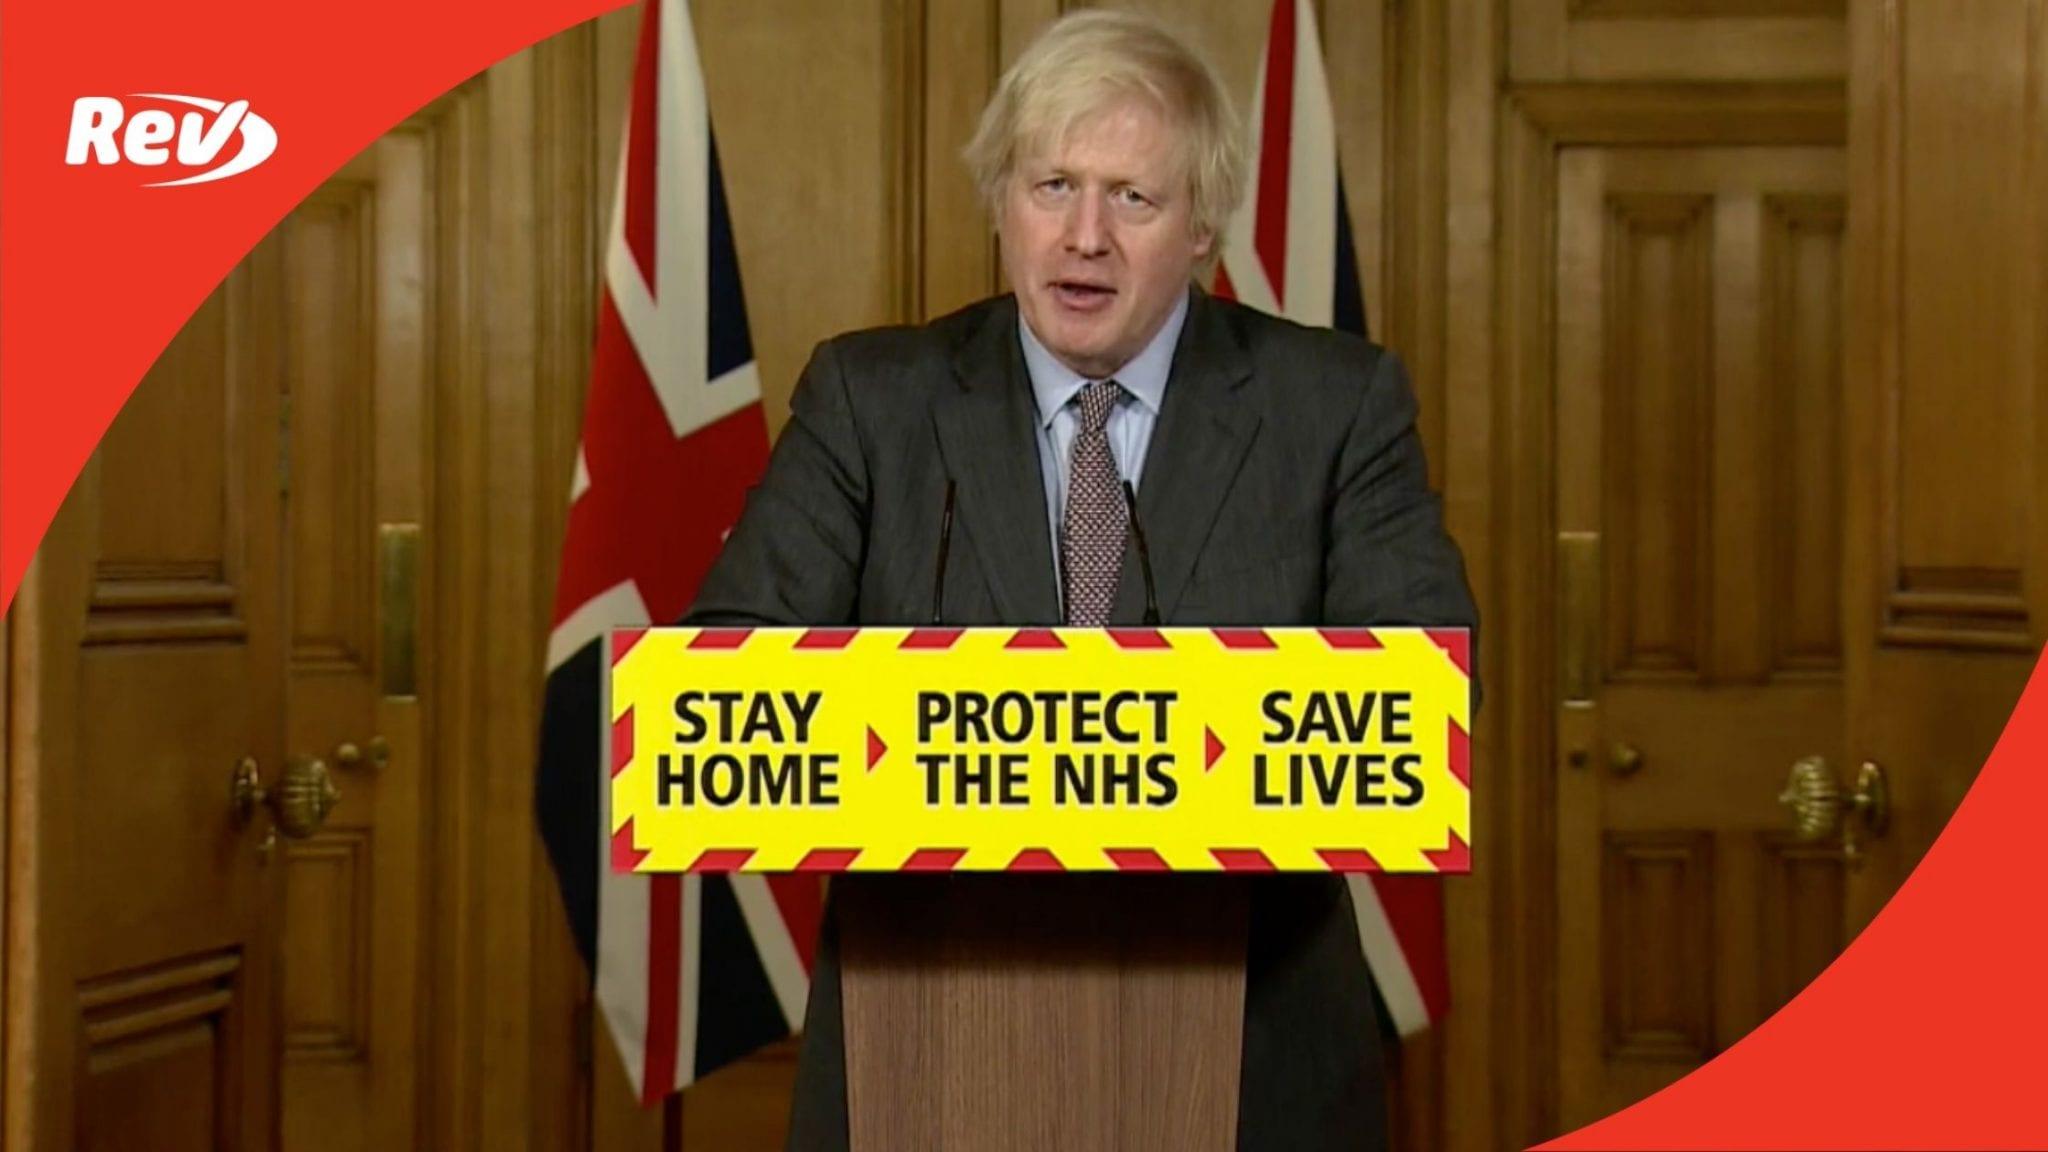 Boris Johnson COVID-19 Press Conference Transcript February 3